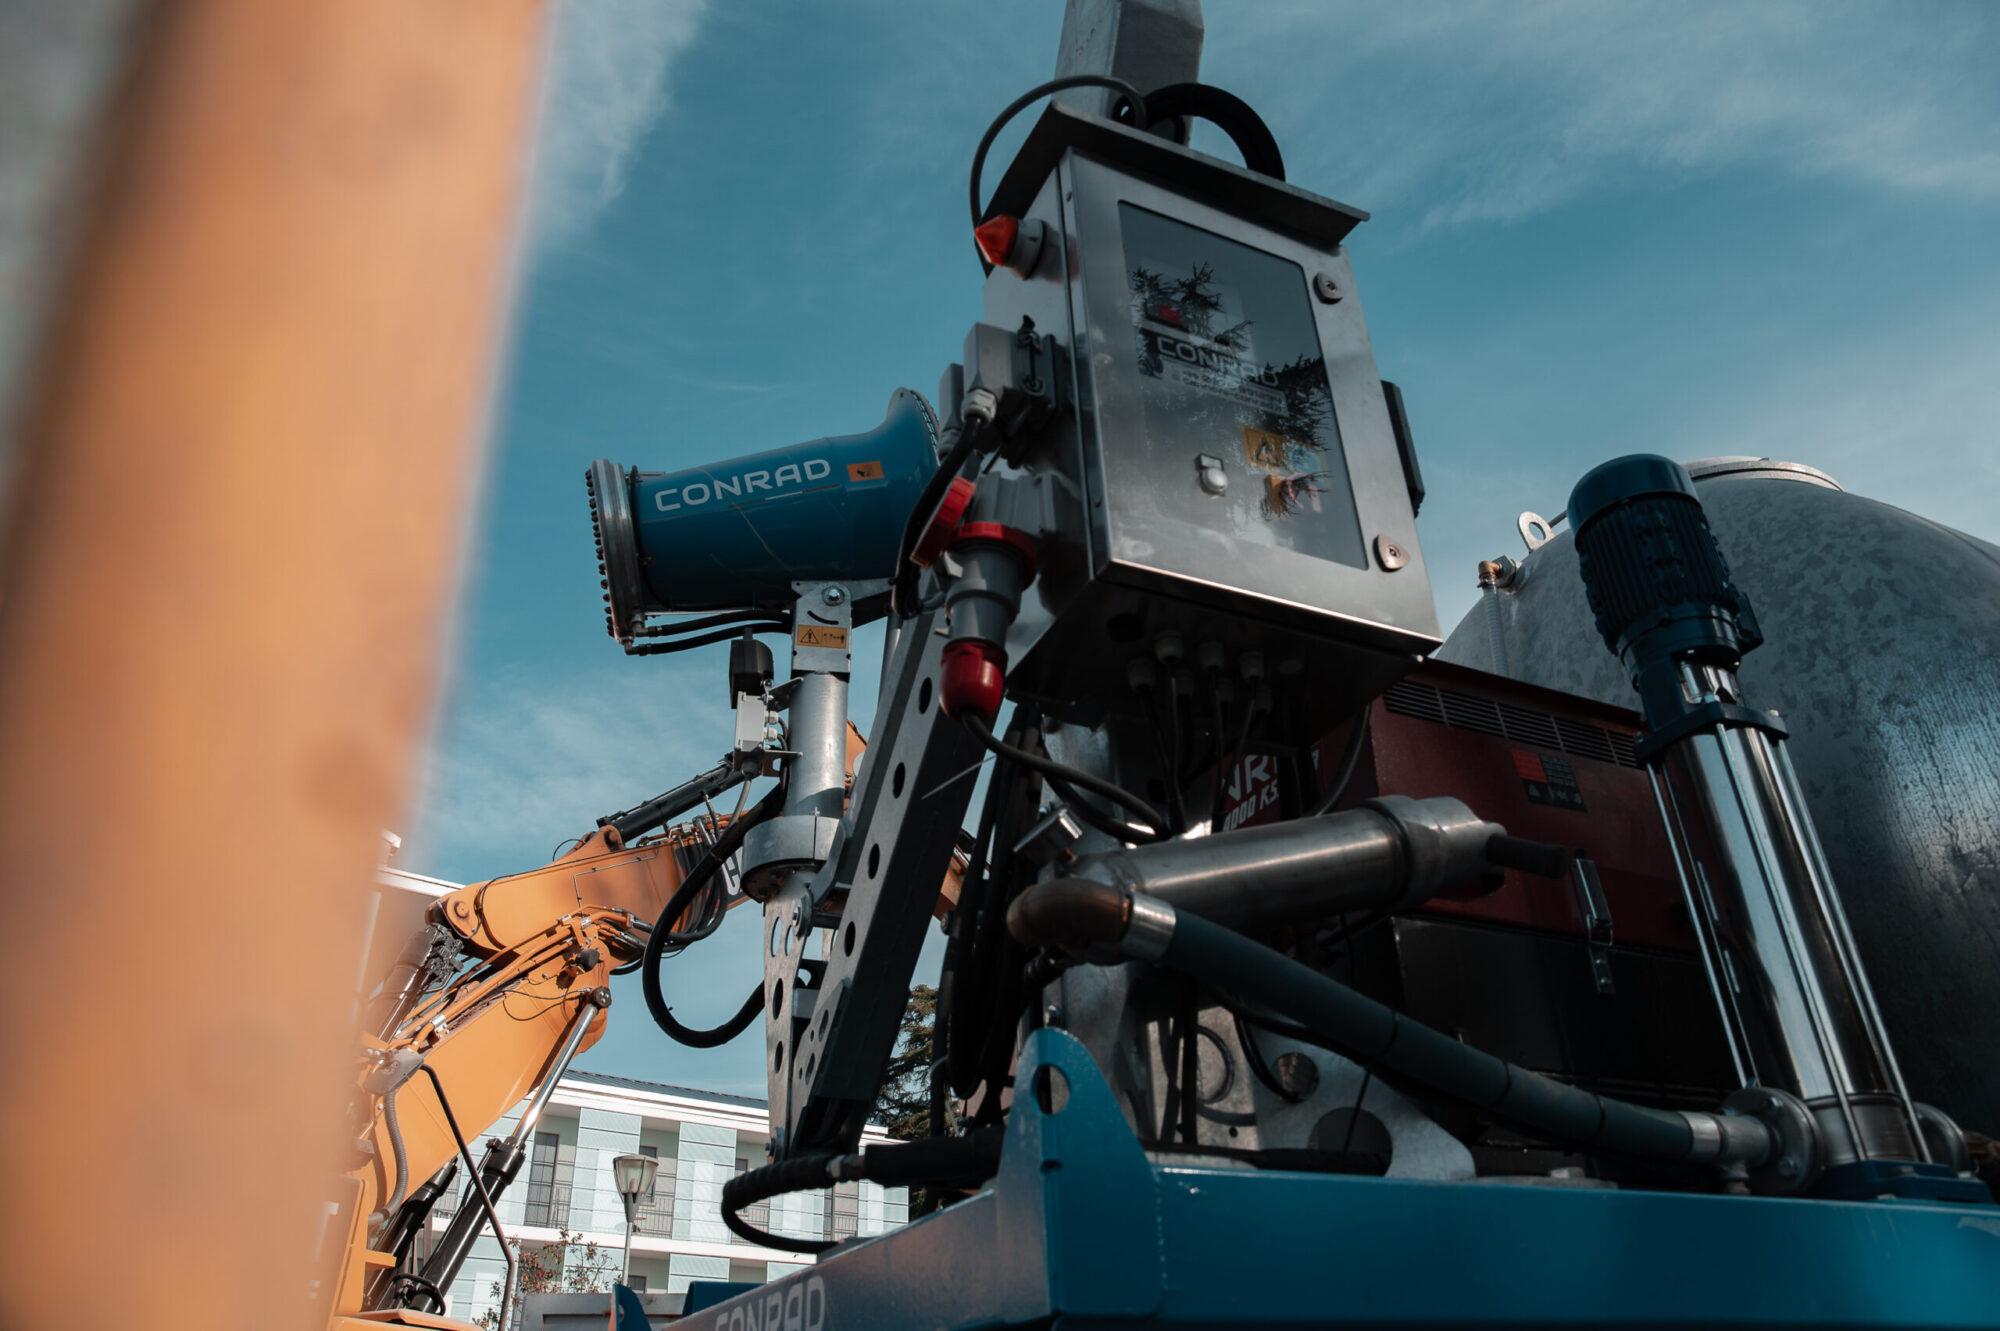 Cannoni Conrad_01 - Demolizione Binotto__NLB4058_4k